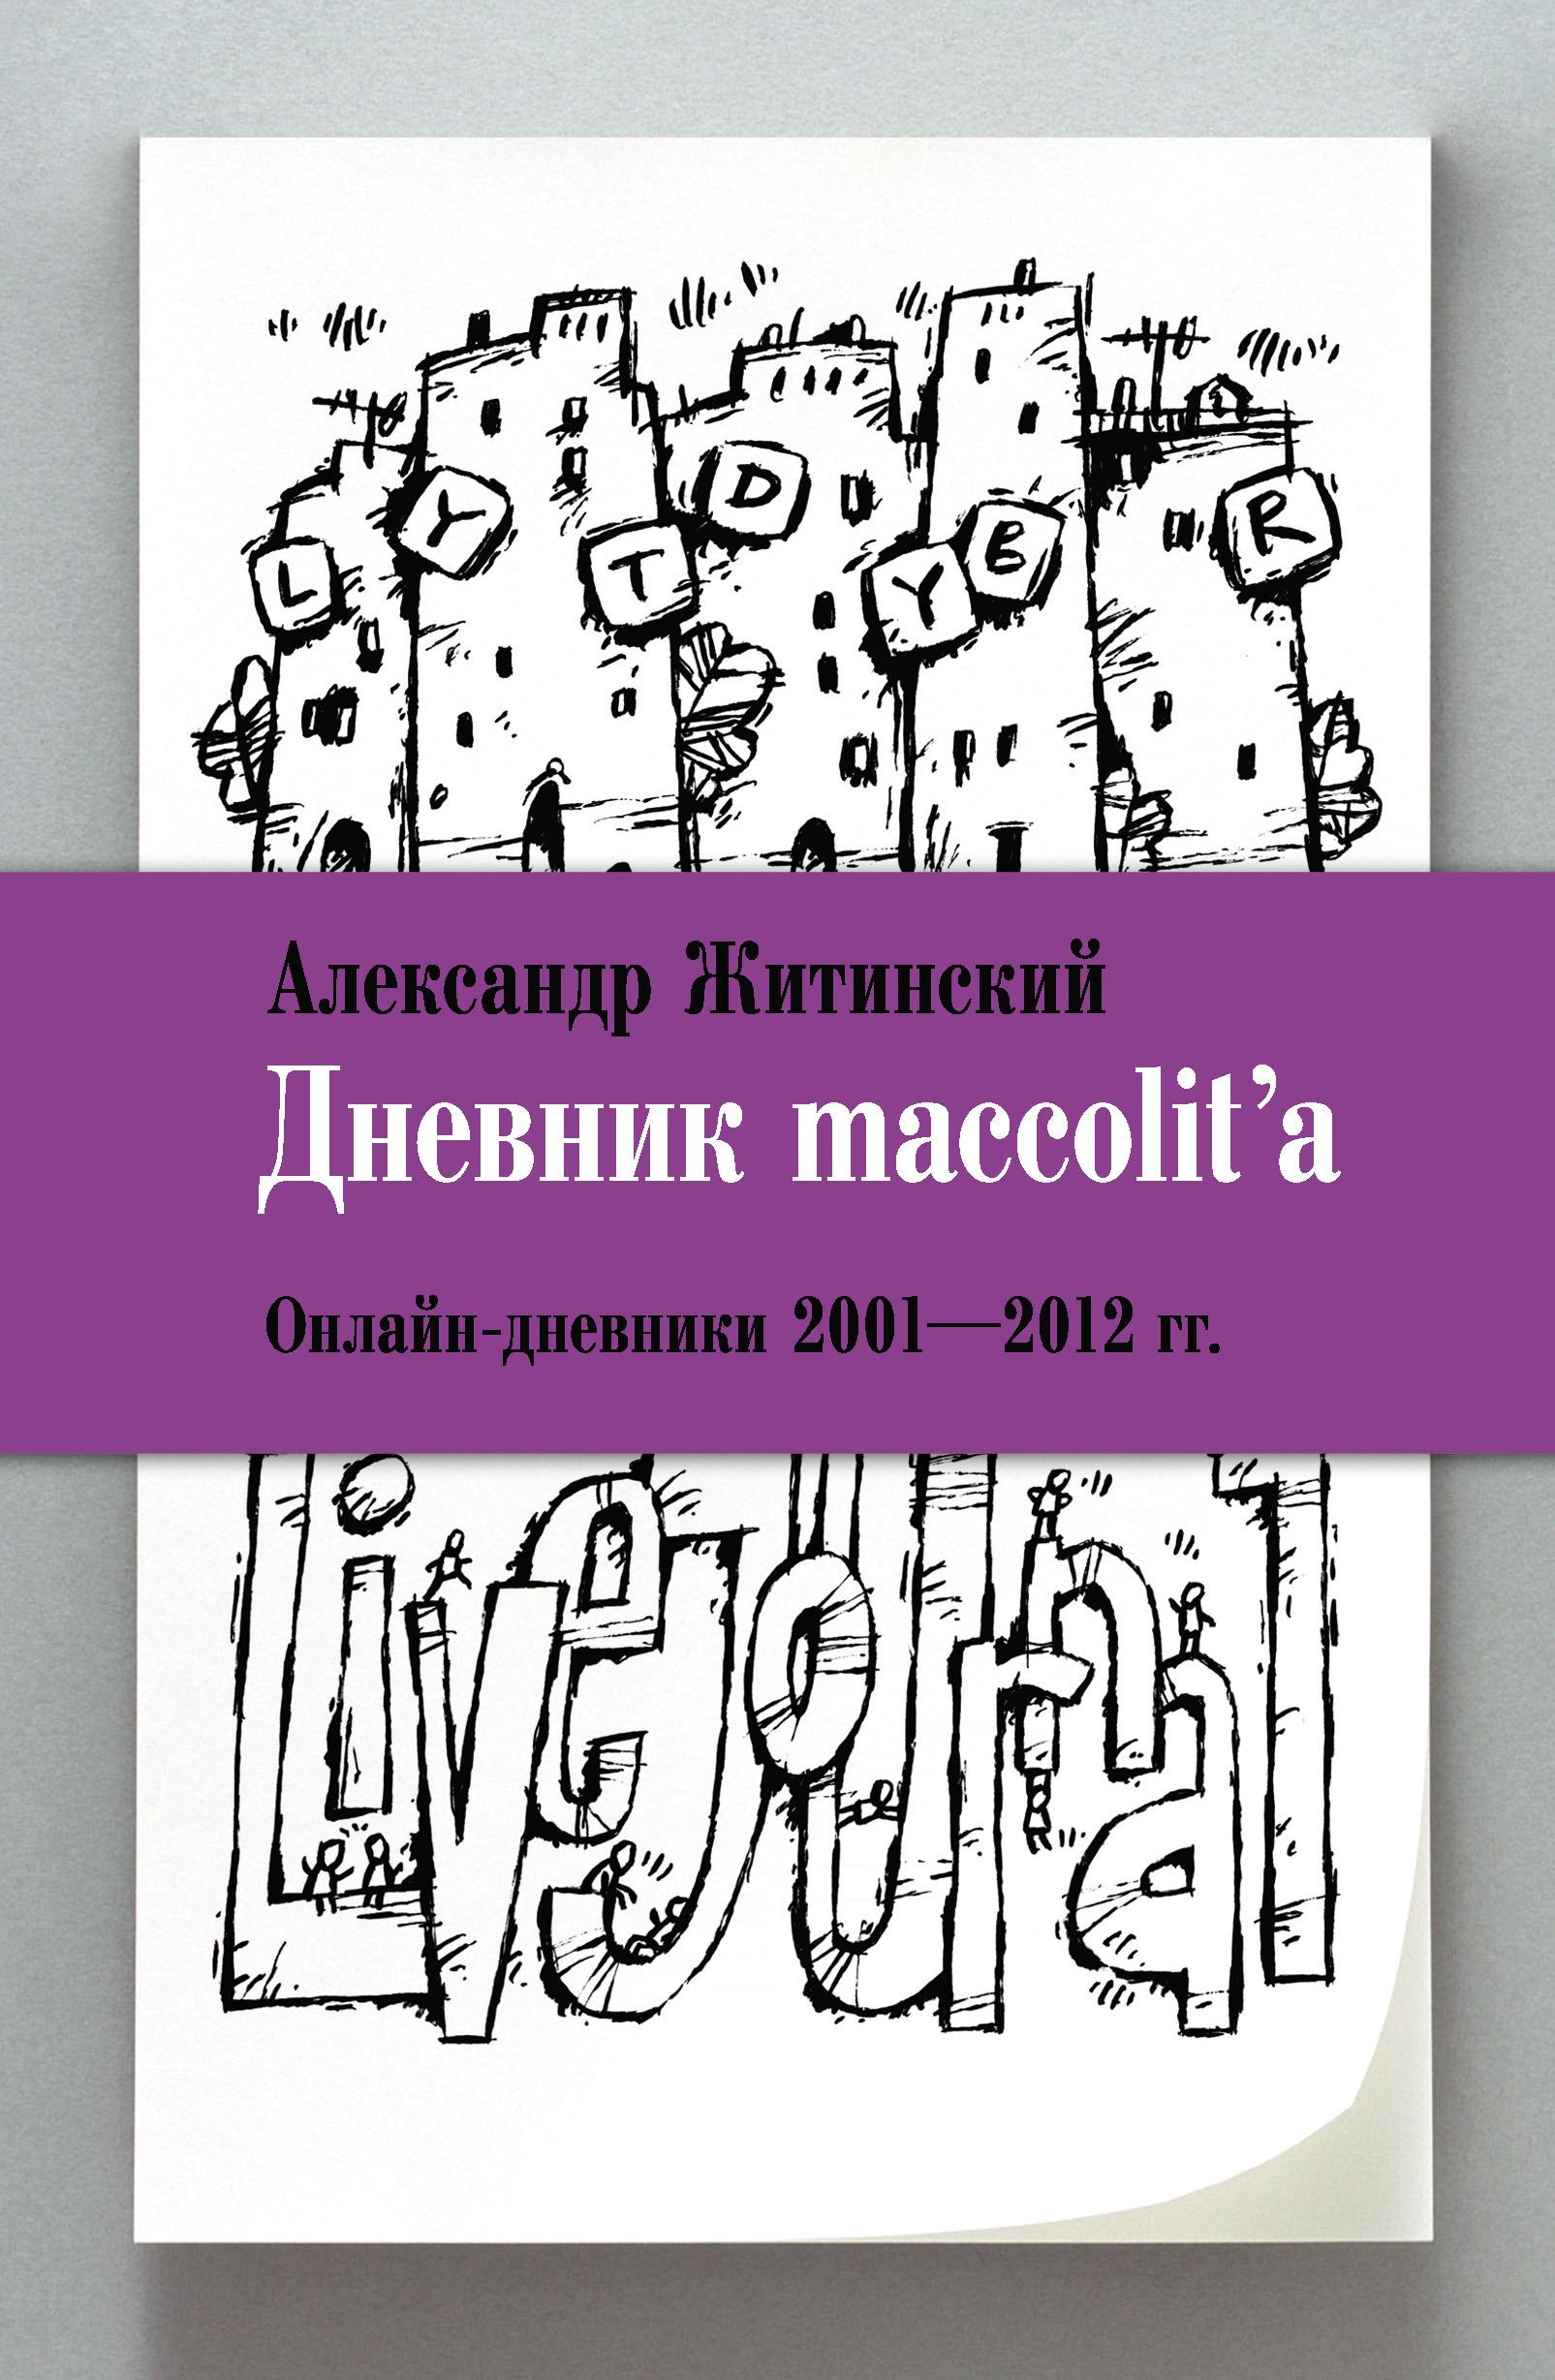 dnevnik maccolita onlayn dnevniki 20012012 gg